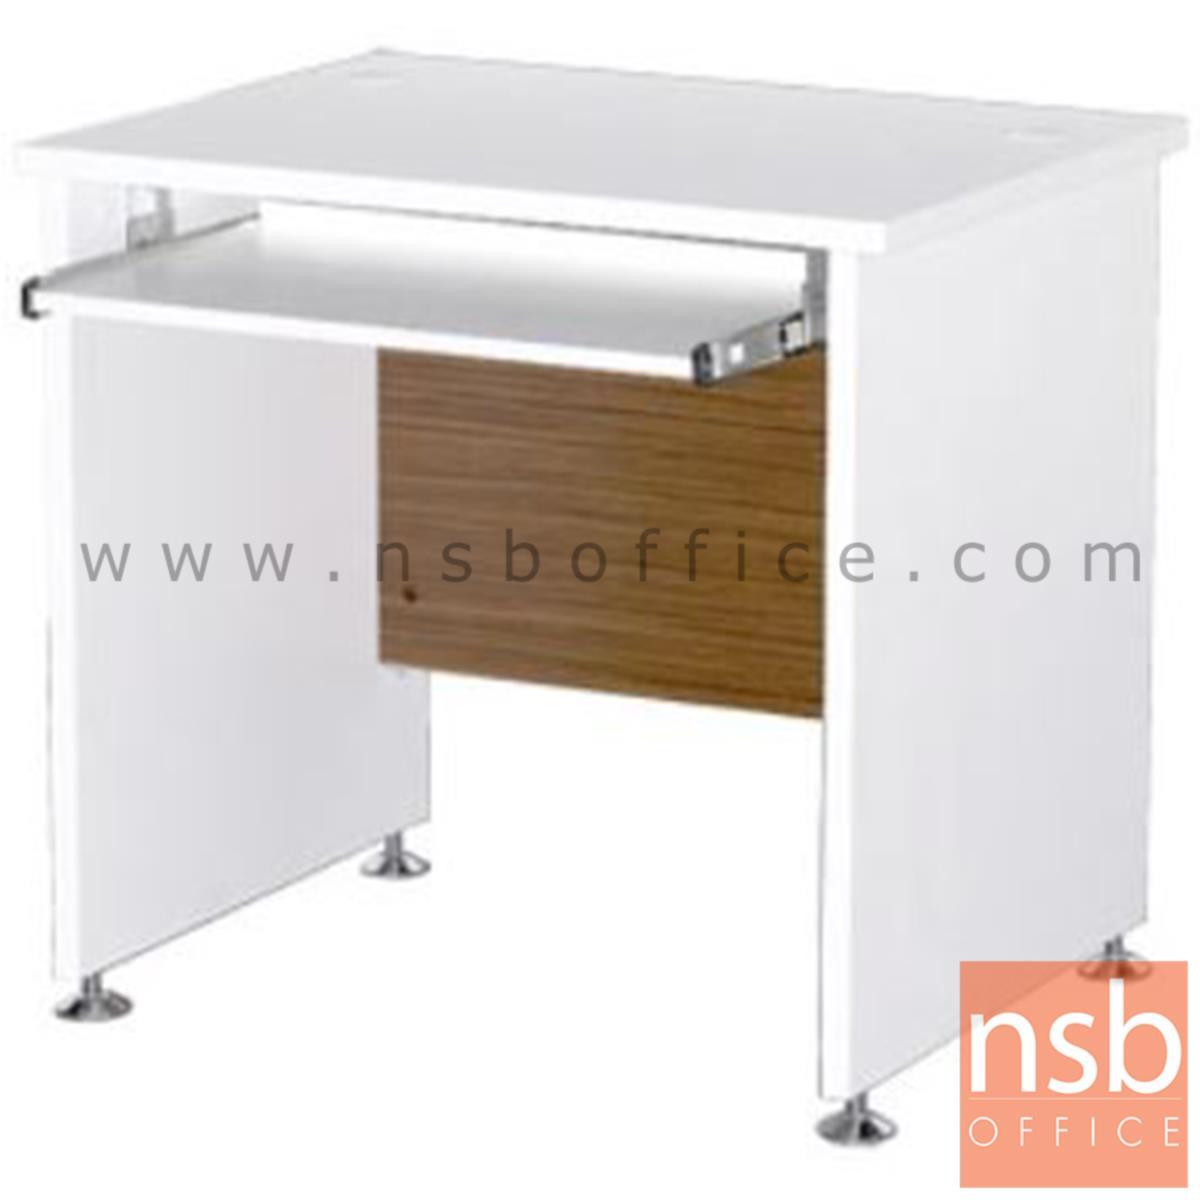 A34A002:โต๊ะคอมพิวเตอร์ รุ่น Trendello (เทรนเดลโล่) ขนาด 80W cm. พร้อมรางคีย์บอร์ด  สีซีบราโน่-ขาว